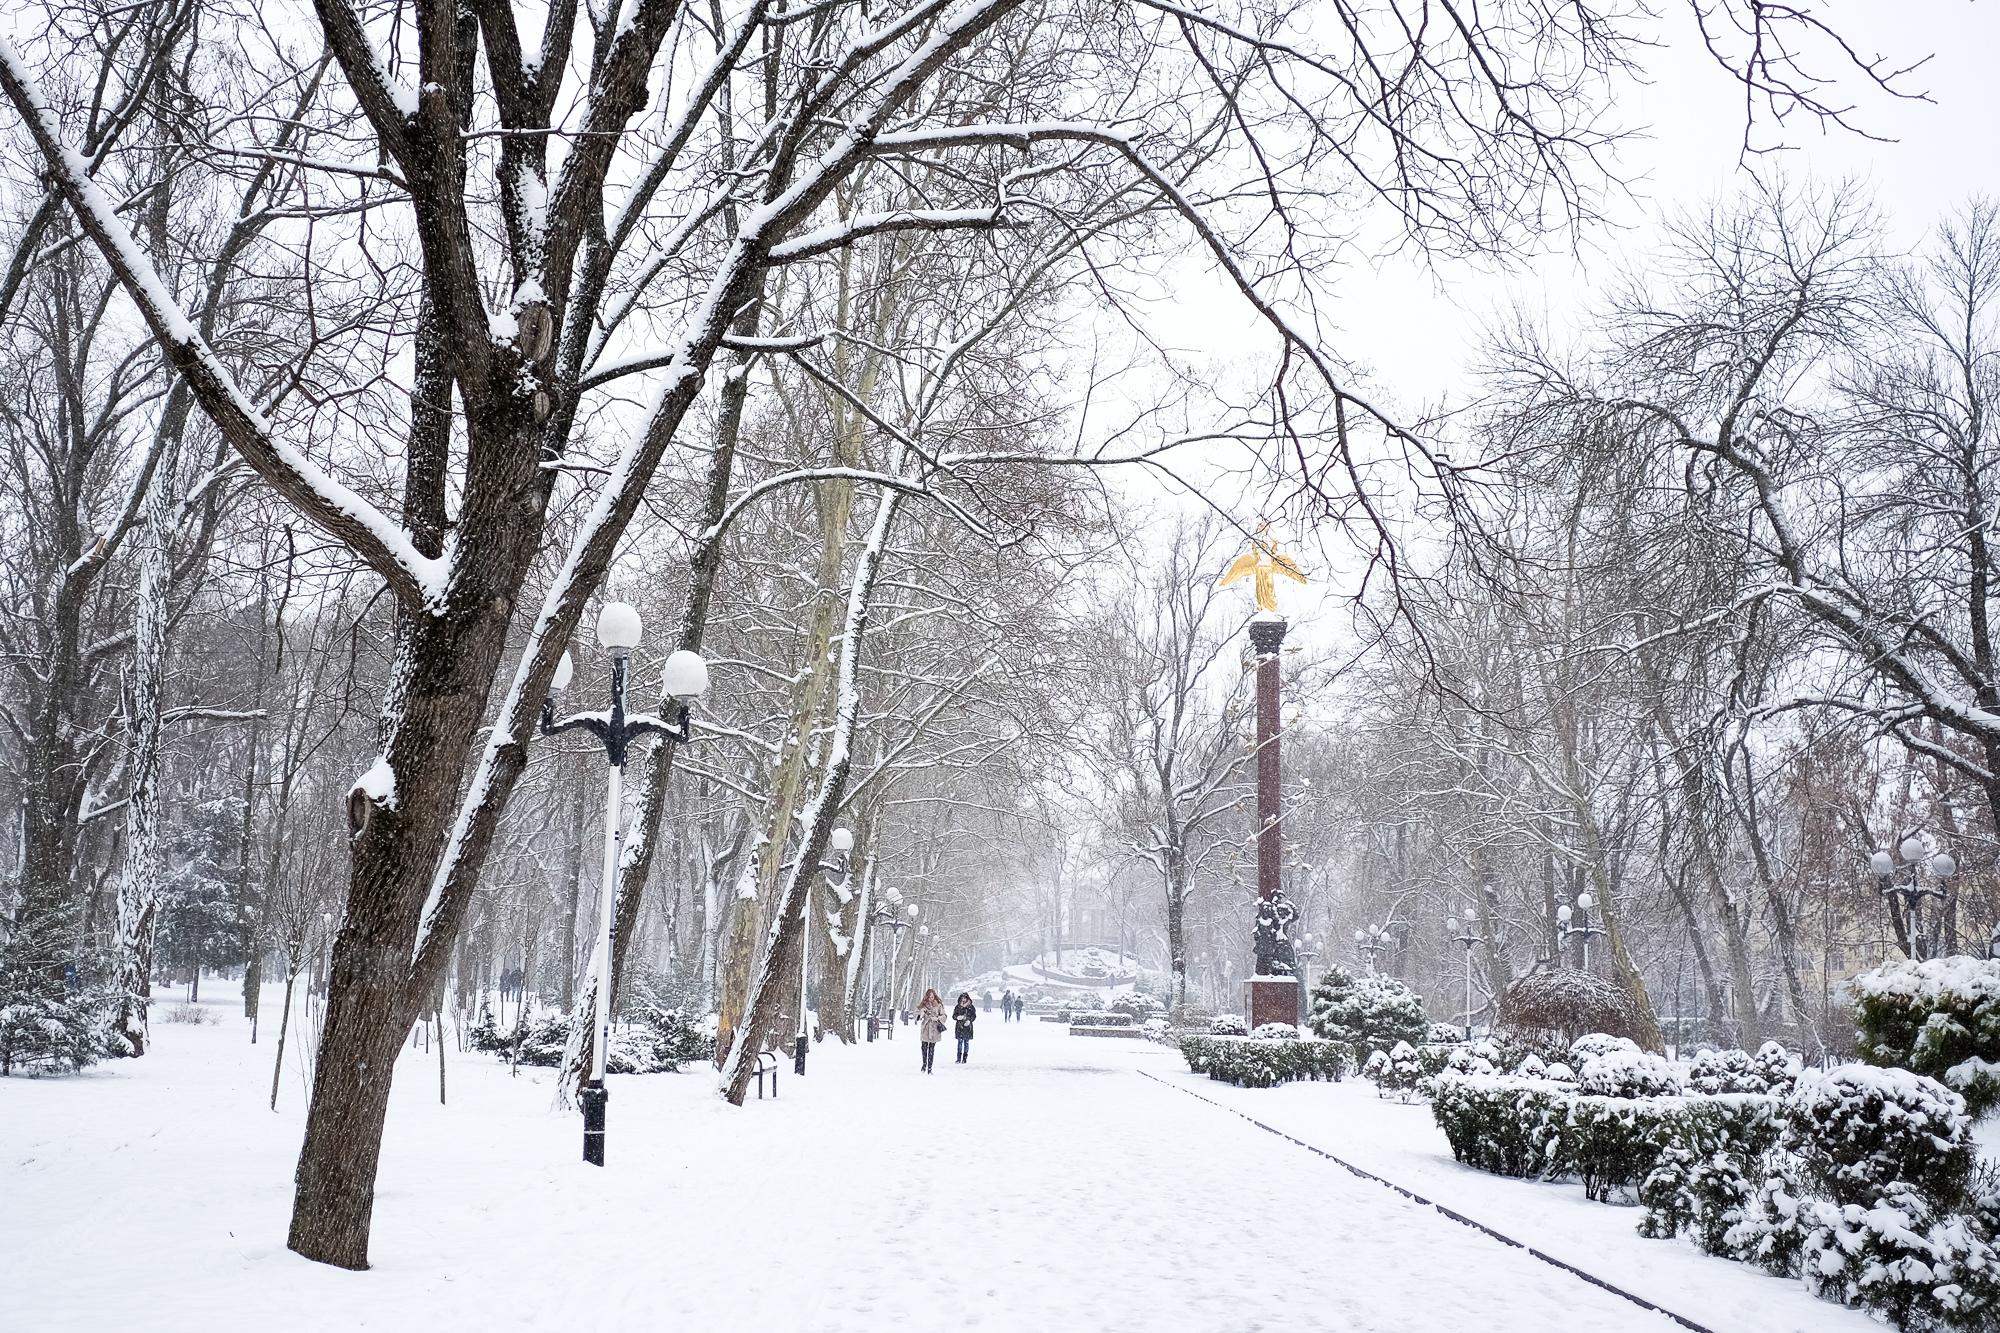 Позы для зимней фотосессии на улице фото голосует наступление